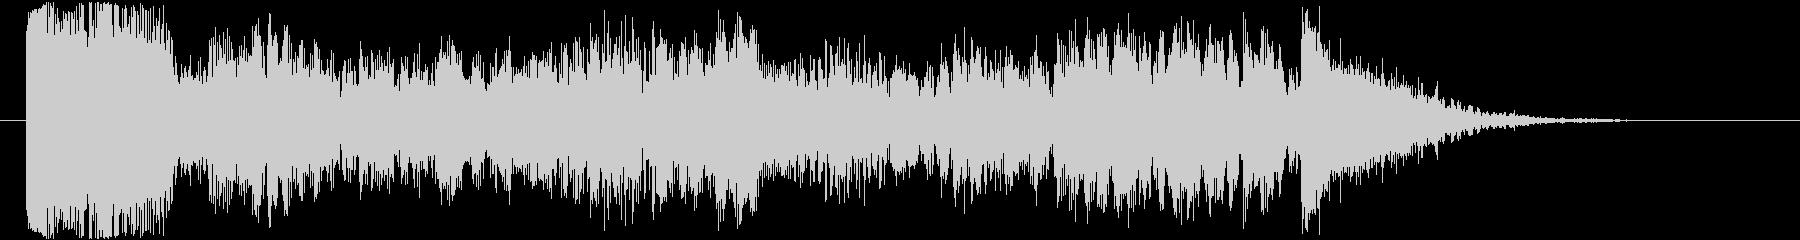 エレクトロ_ハイクオリティージングル_3の未再生の波形